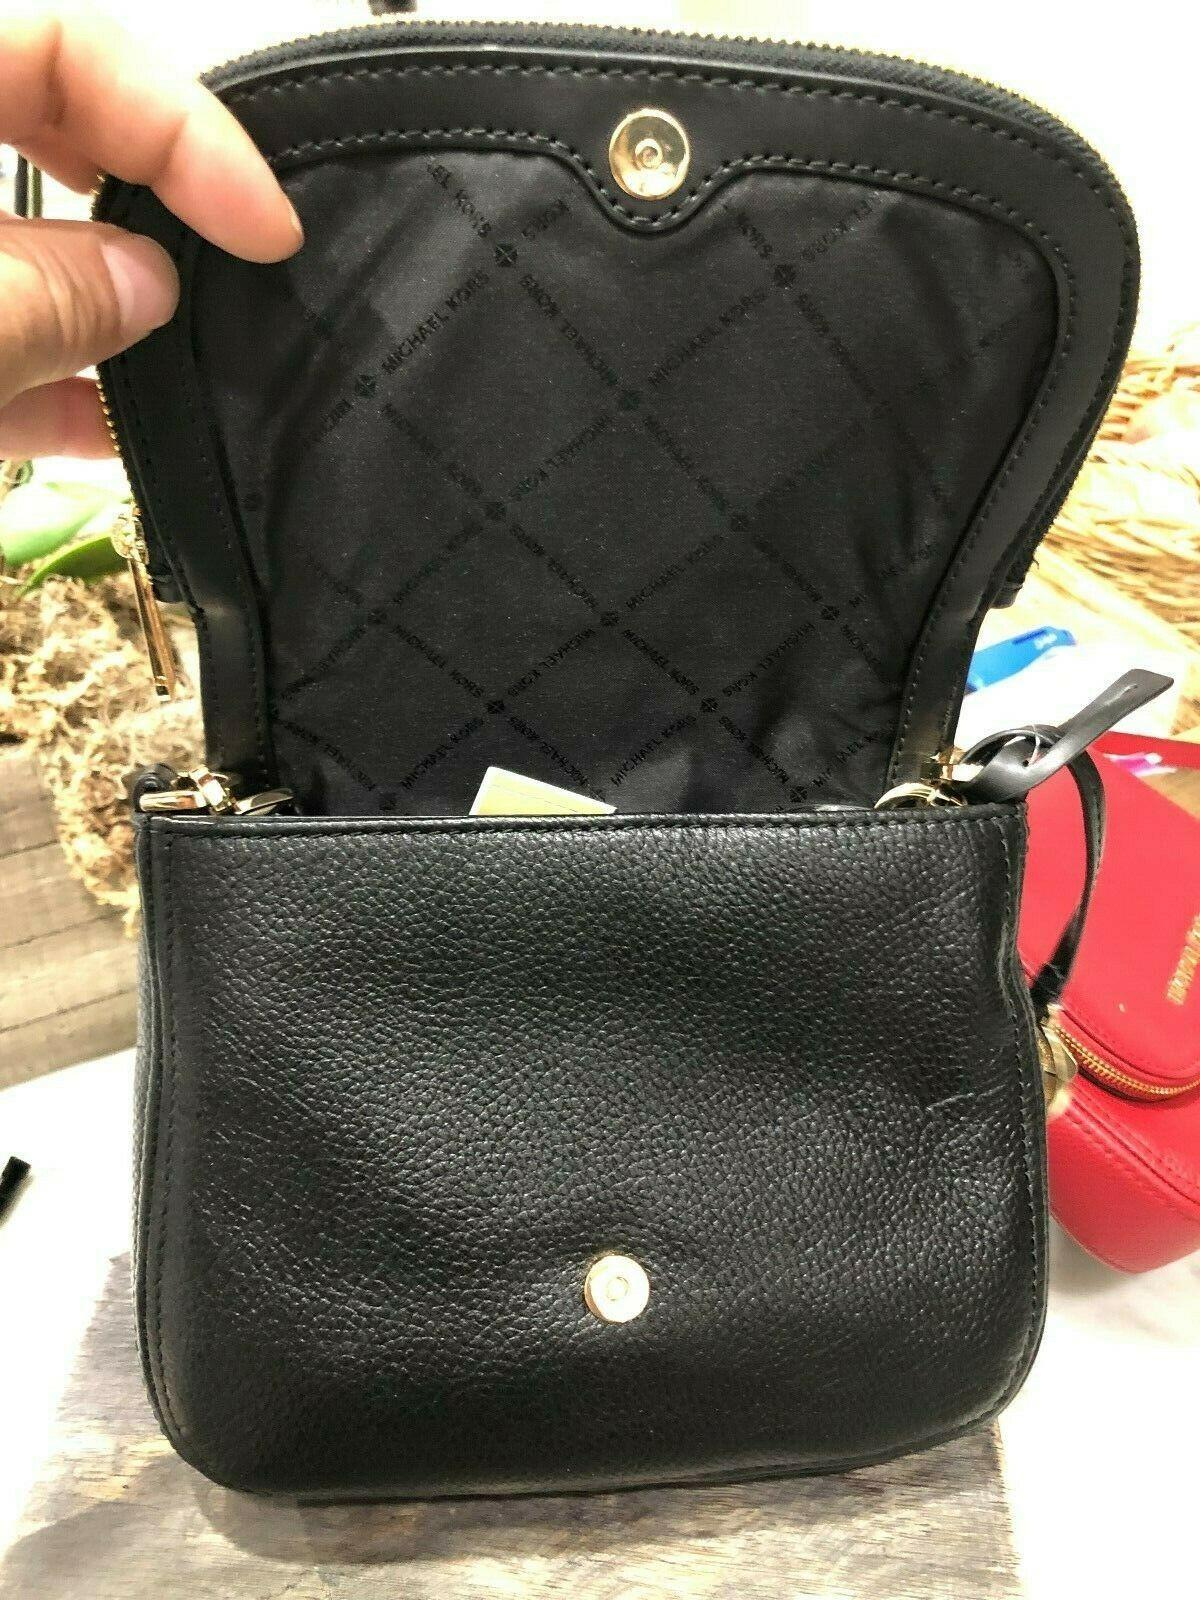 Michael Kors Classics Bedford Pocket Flap Small Crossbody Bag Pebbled $298 New image 10